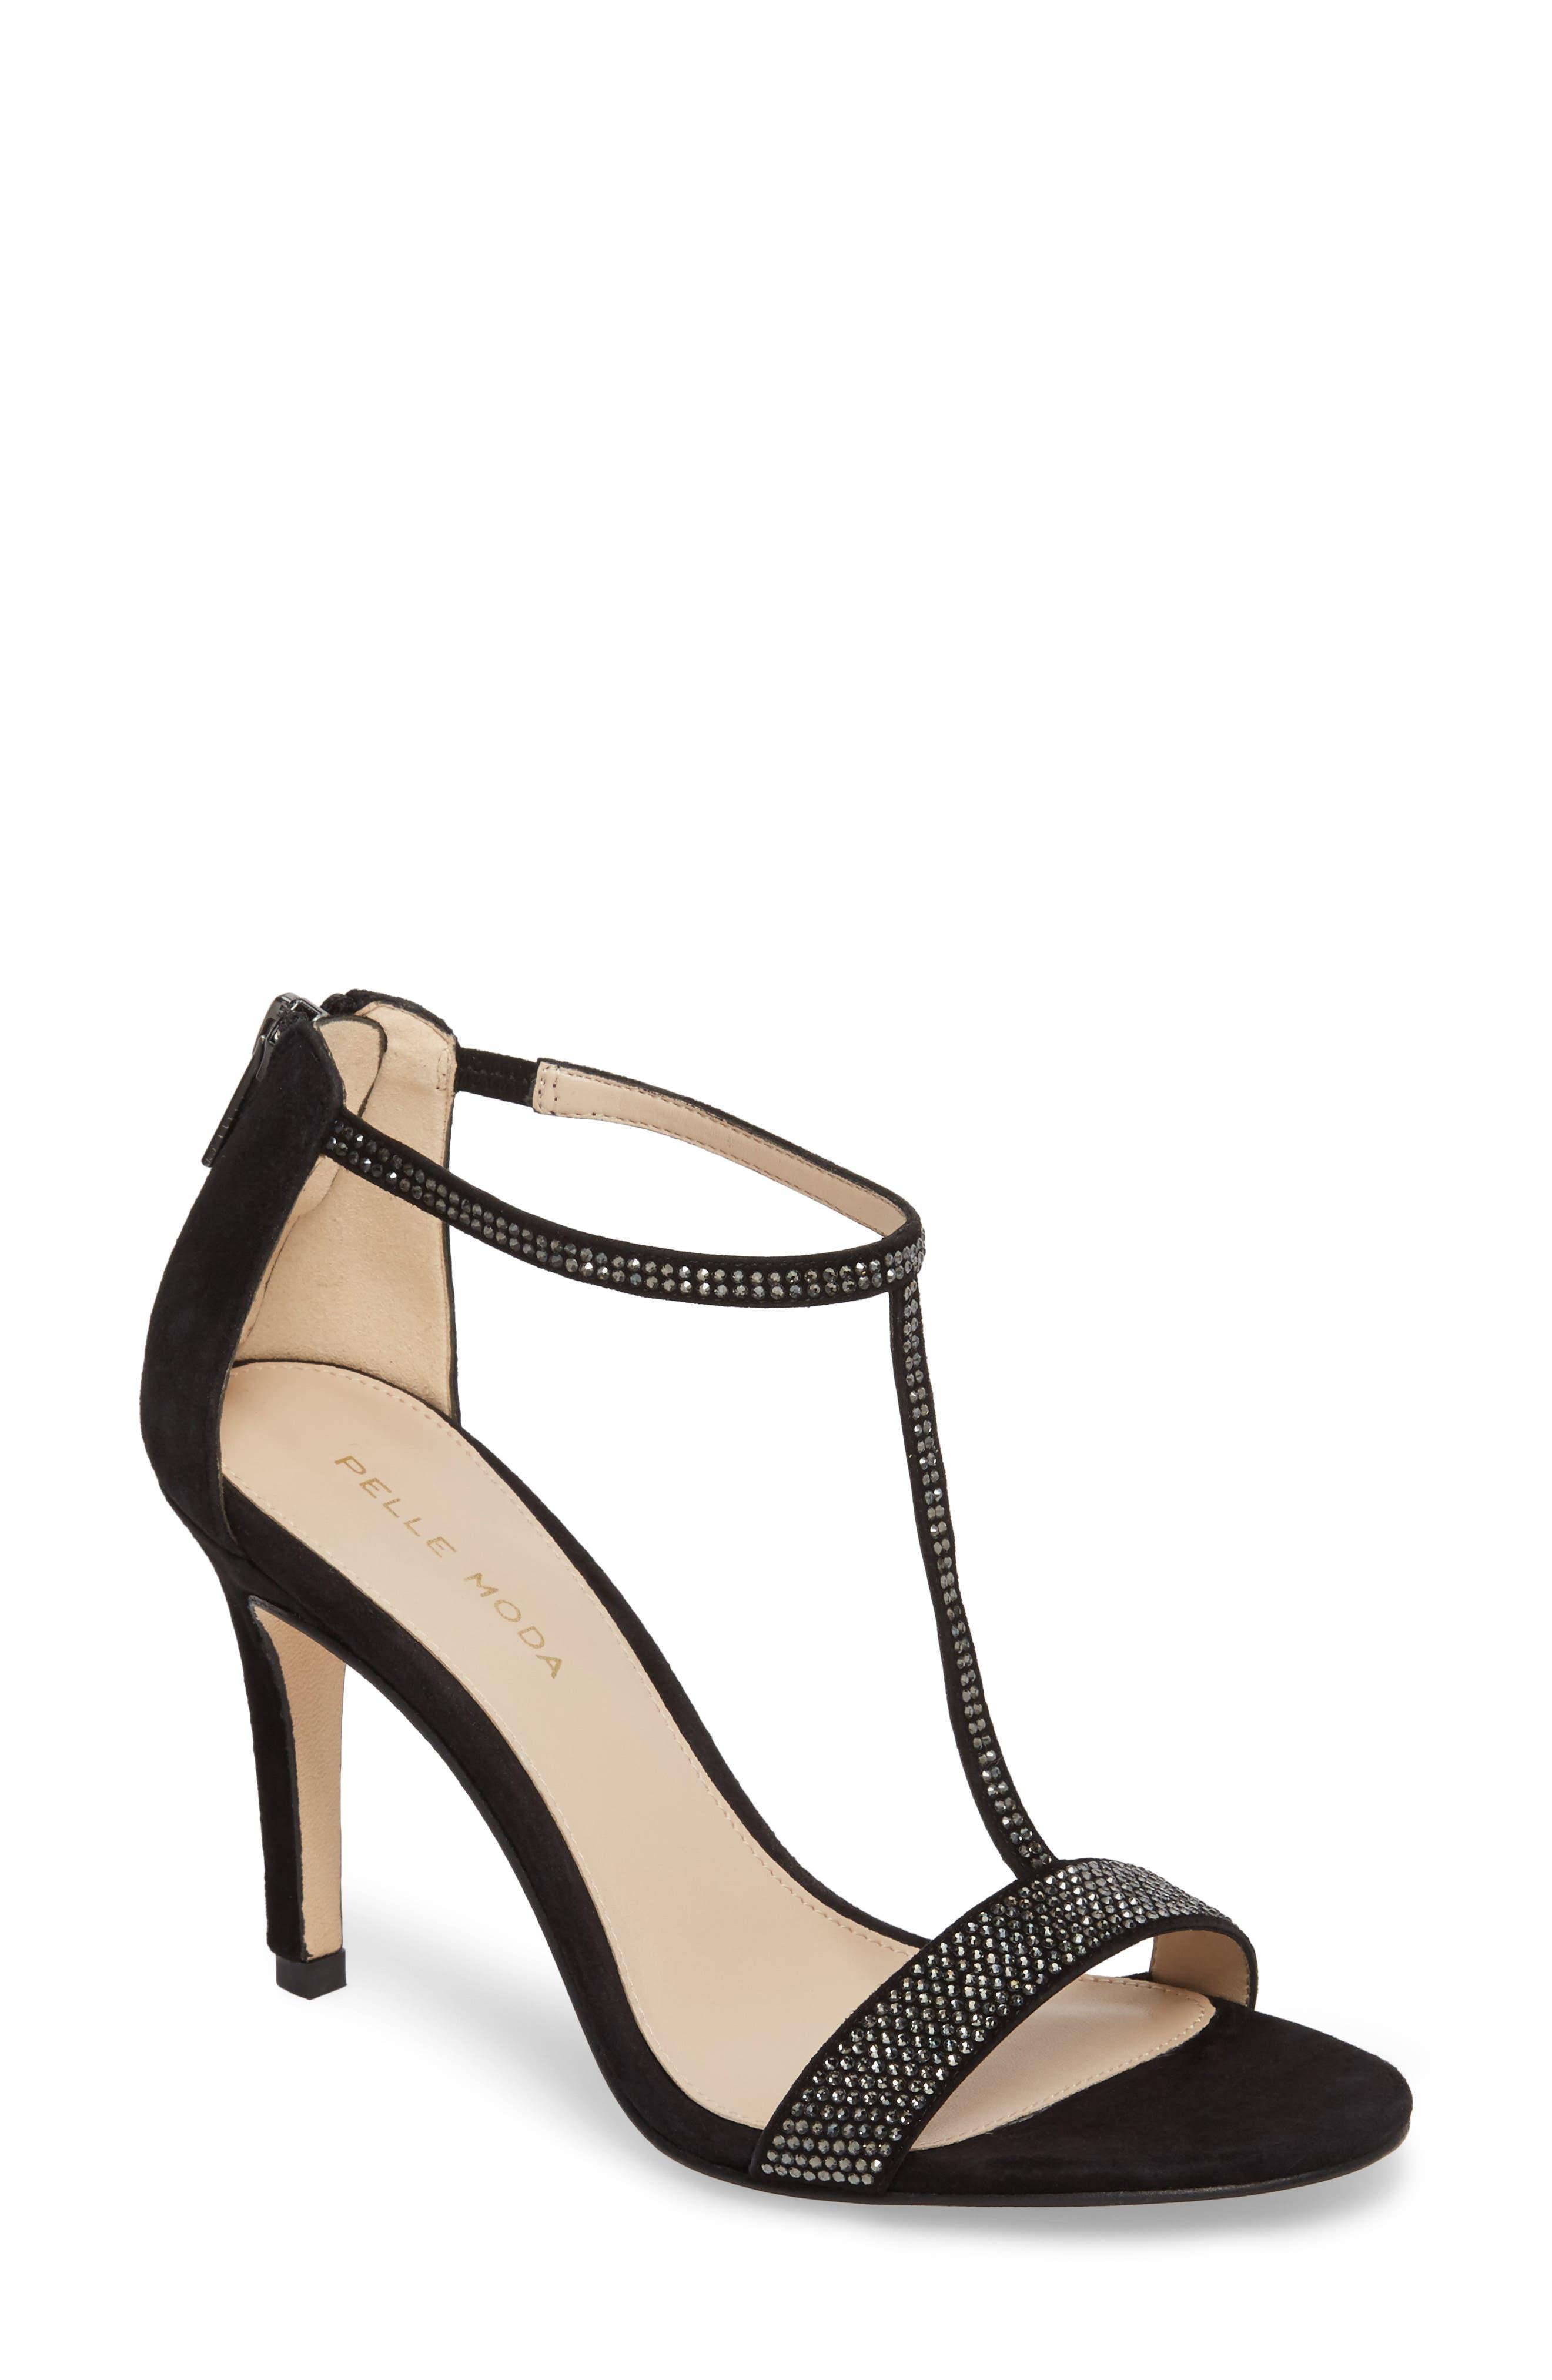 Patton2 Sandal,                         Main,                         color, 001